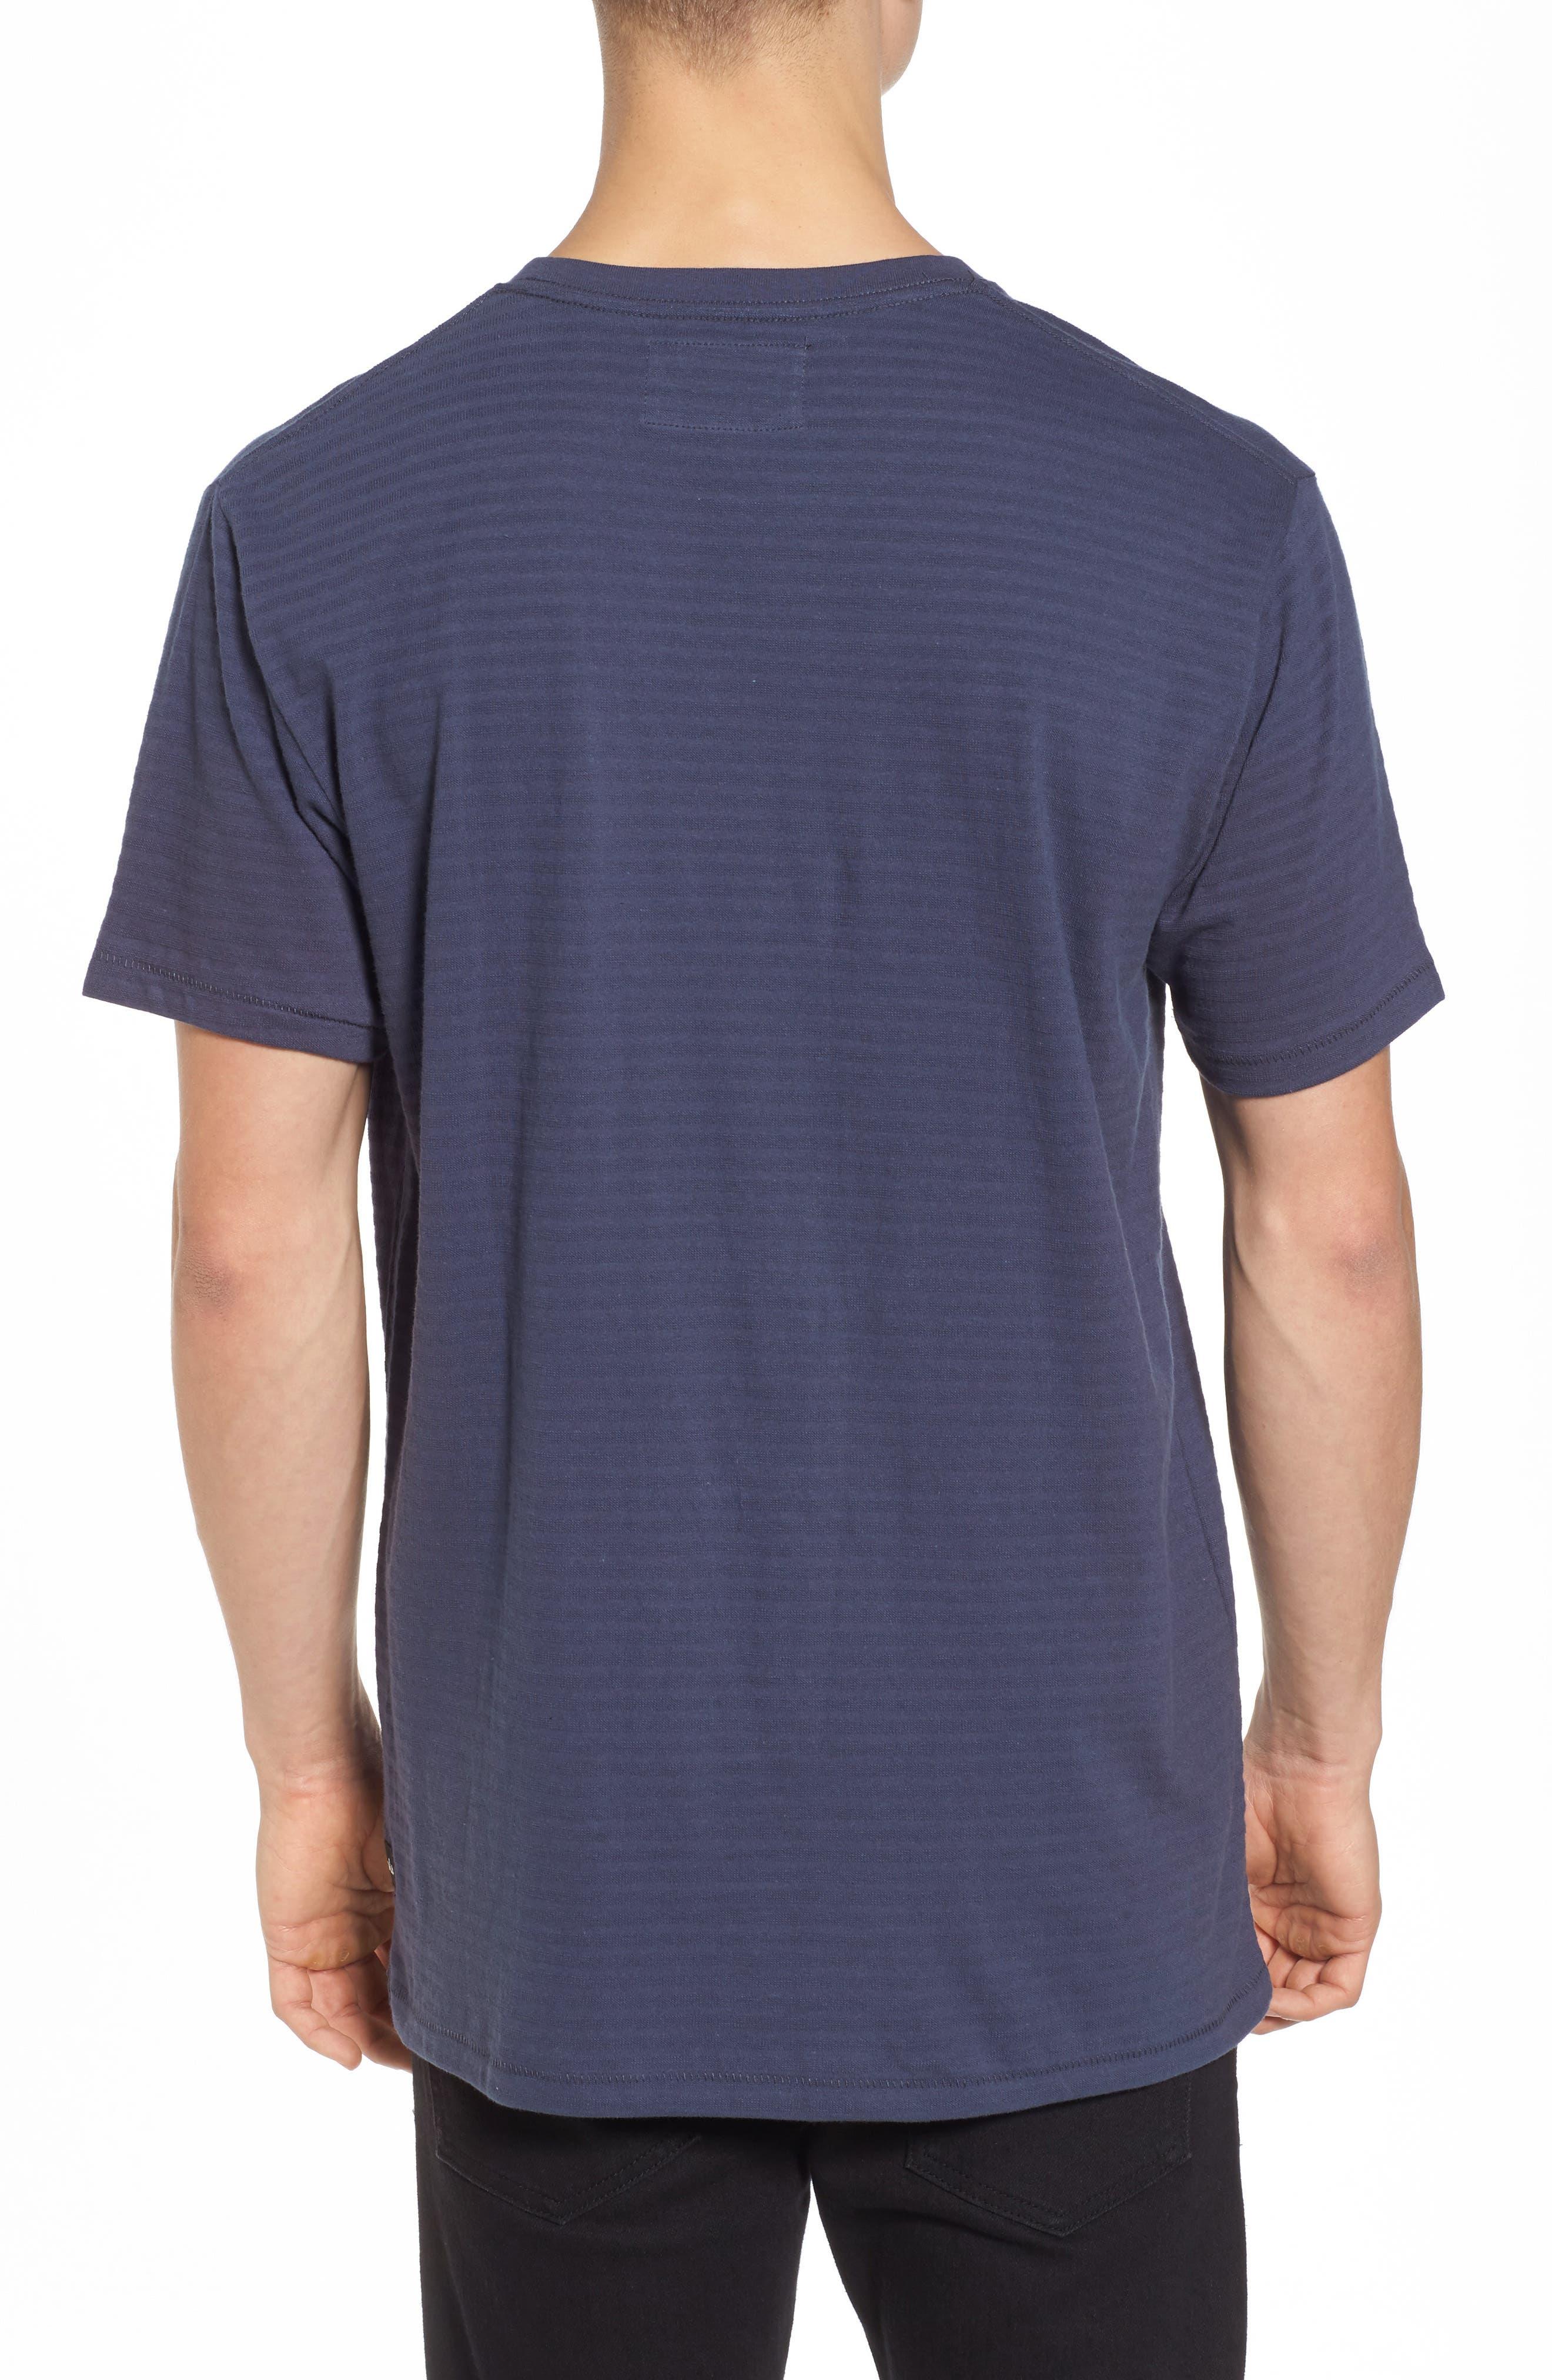 B. Elusive Pocket T-Shirt,                             Alternate thumbnail 2, color,                             Slate